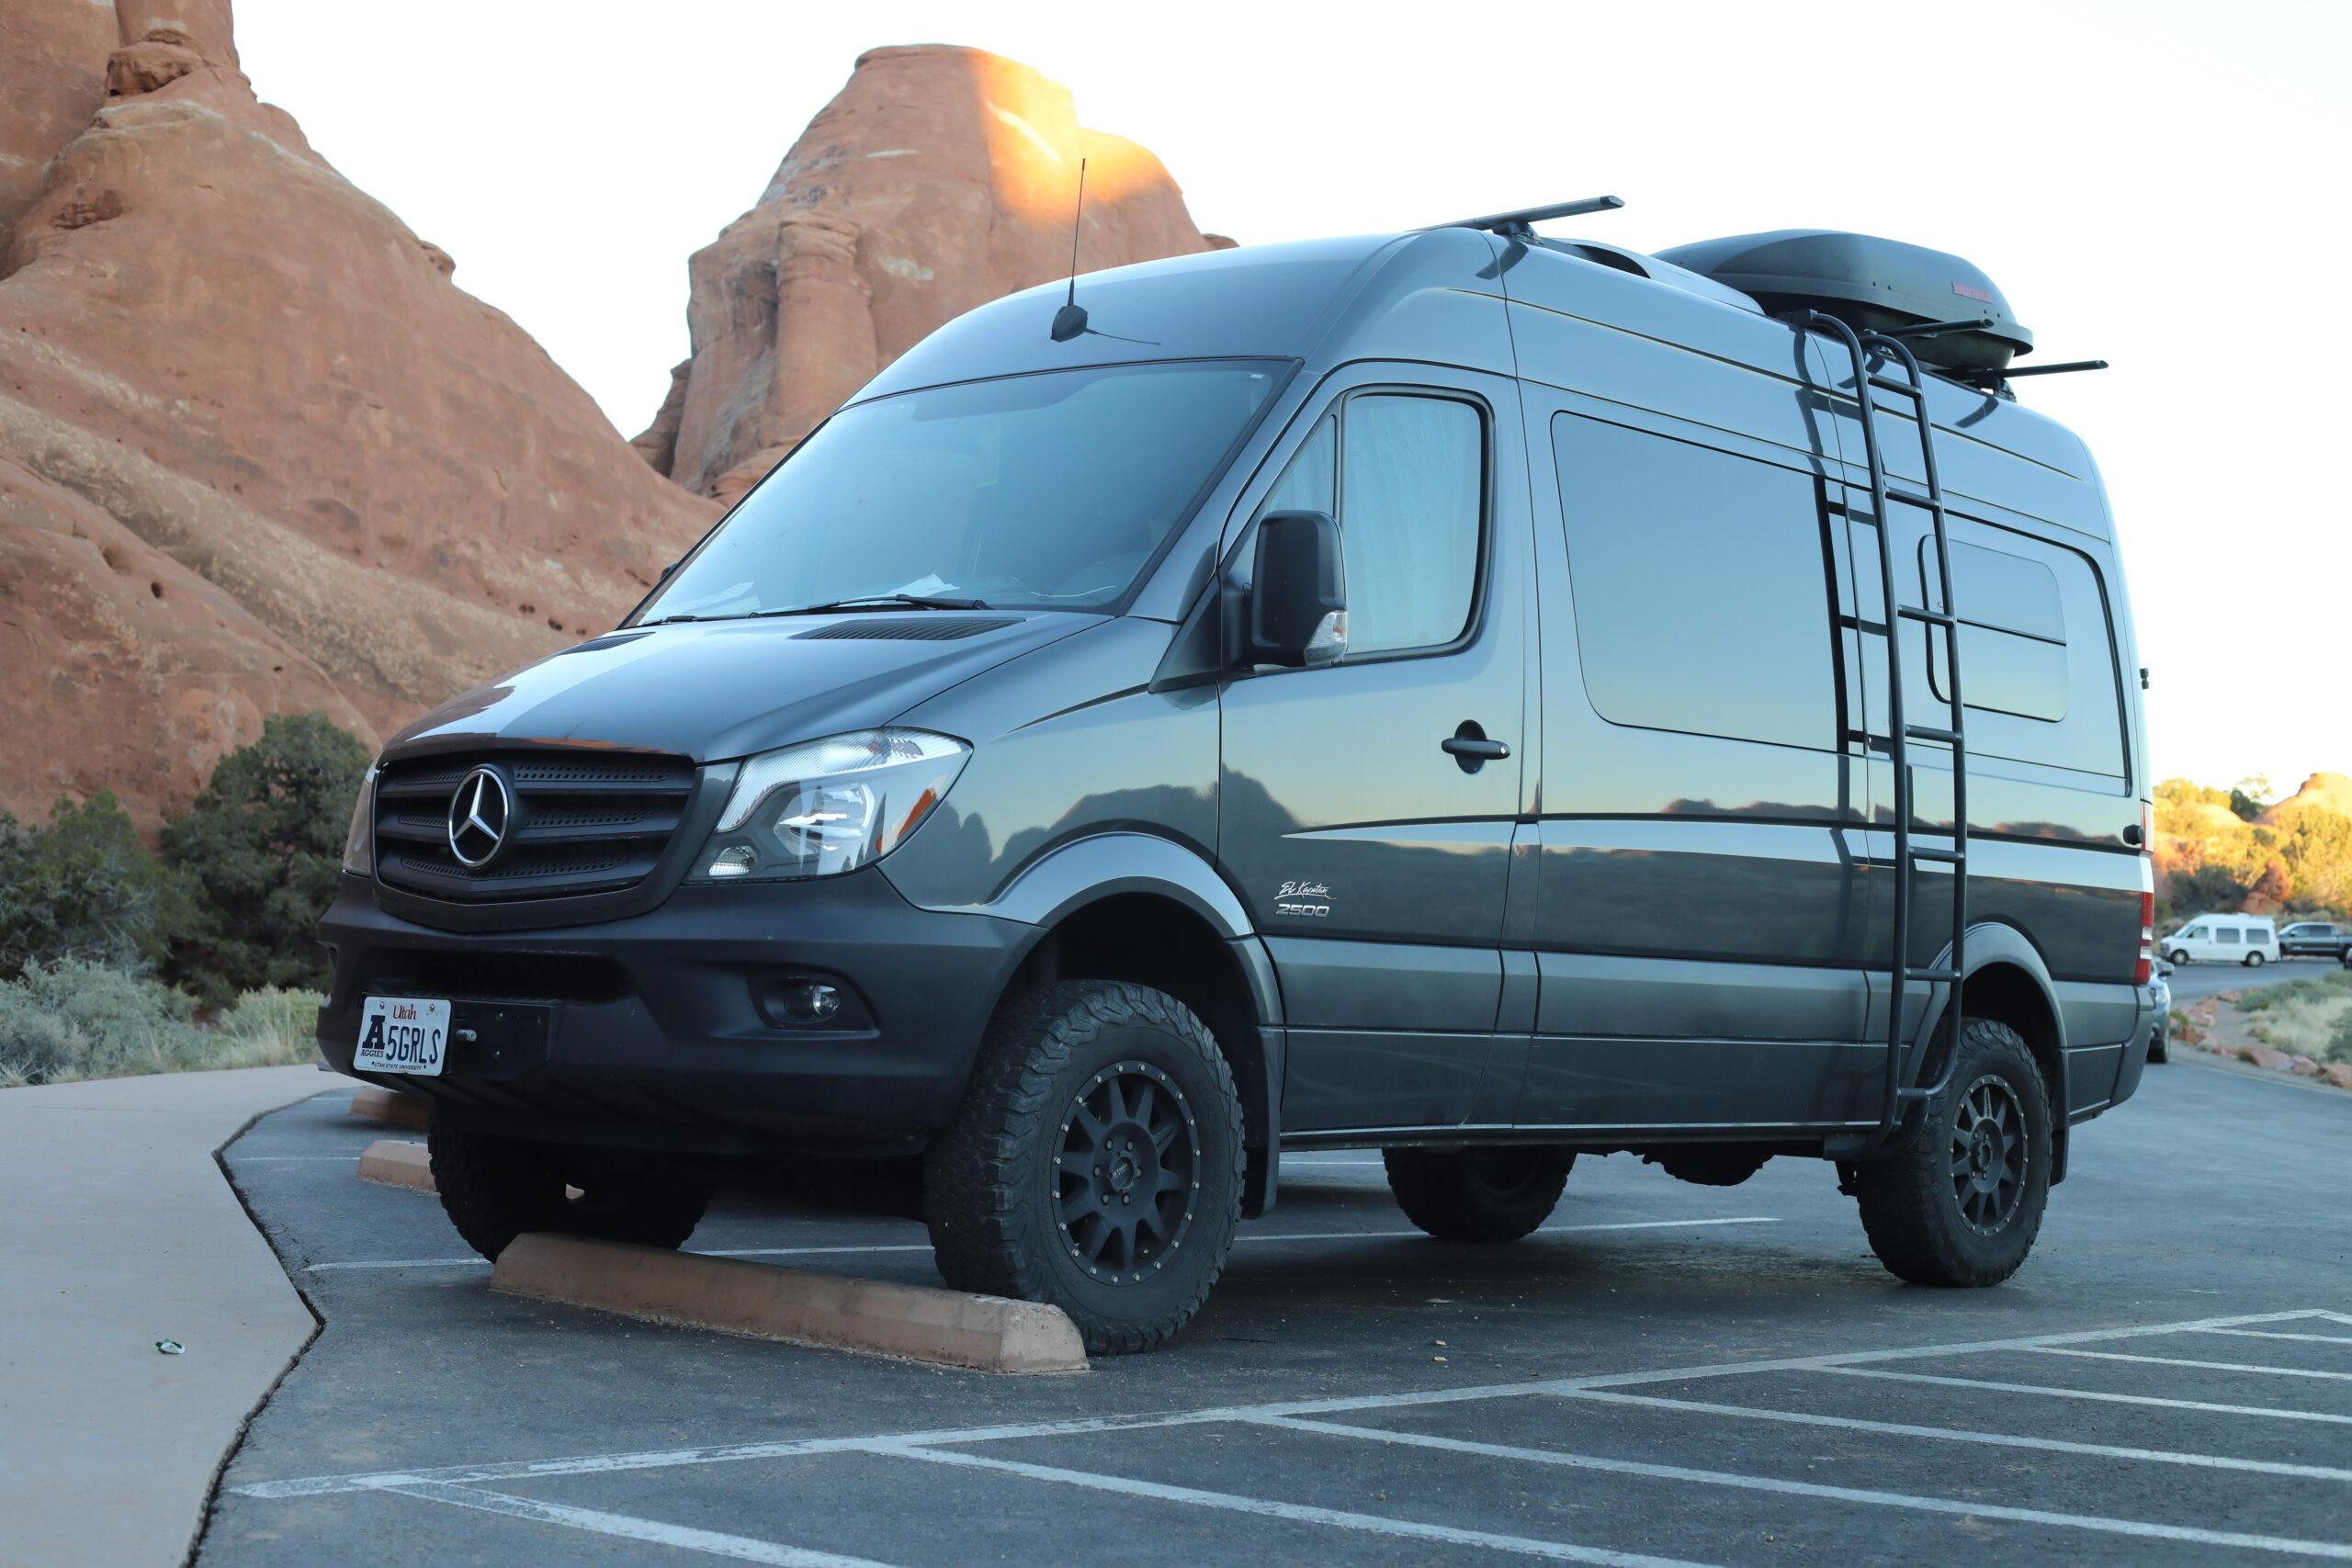 Sprinter van conversion parked in Utah